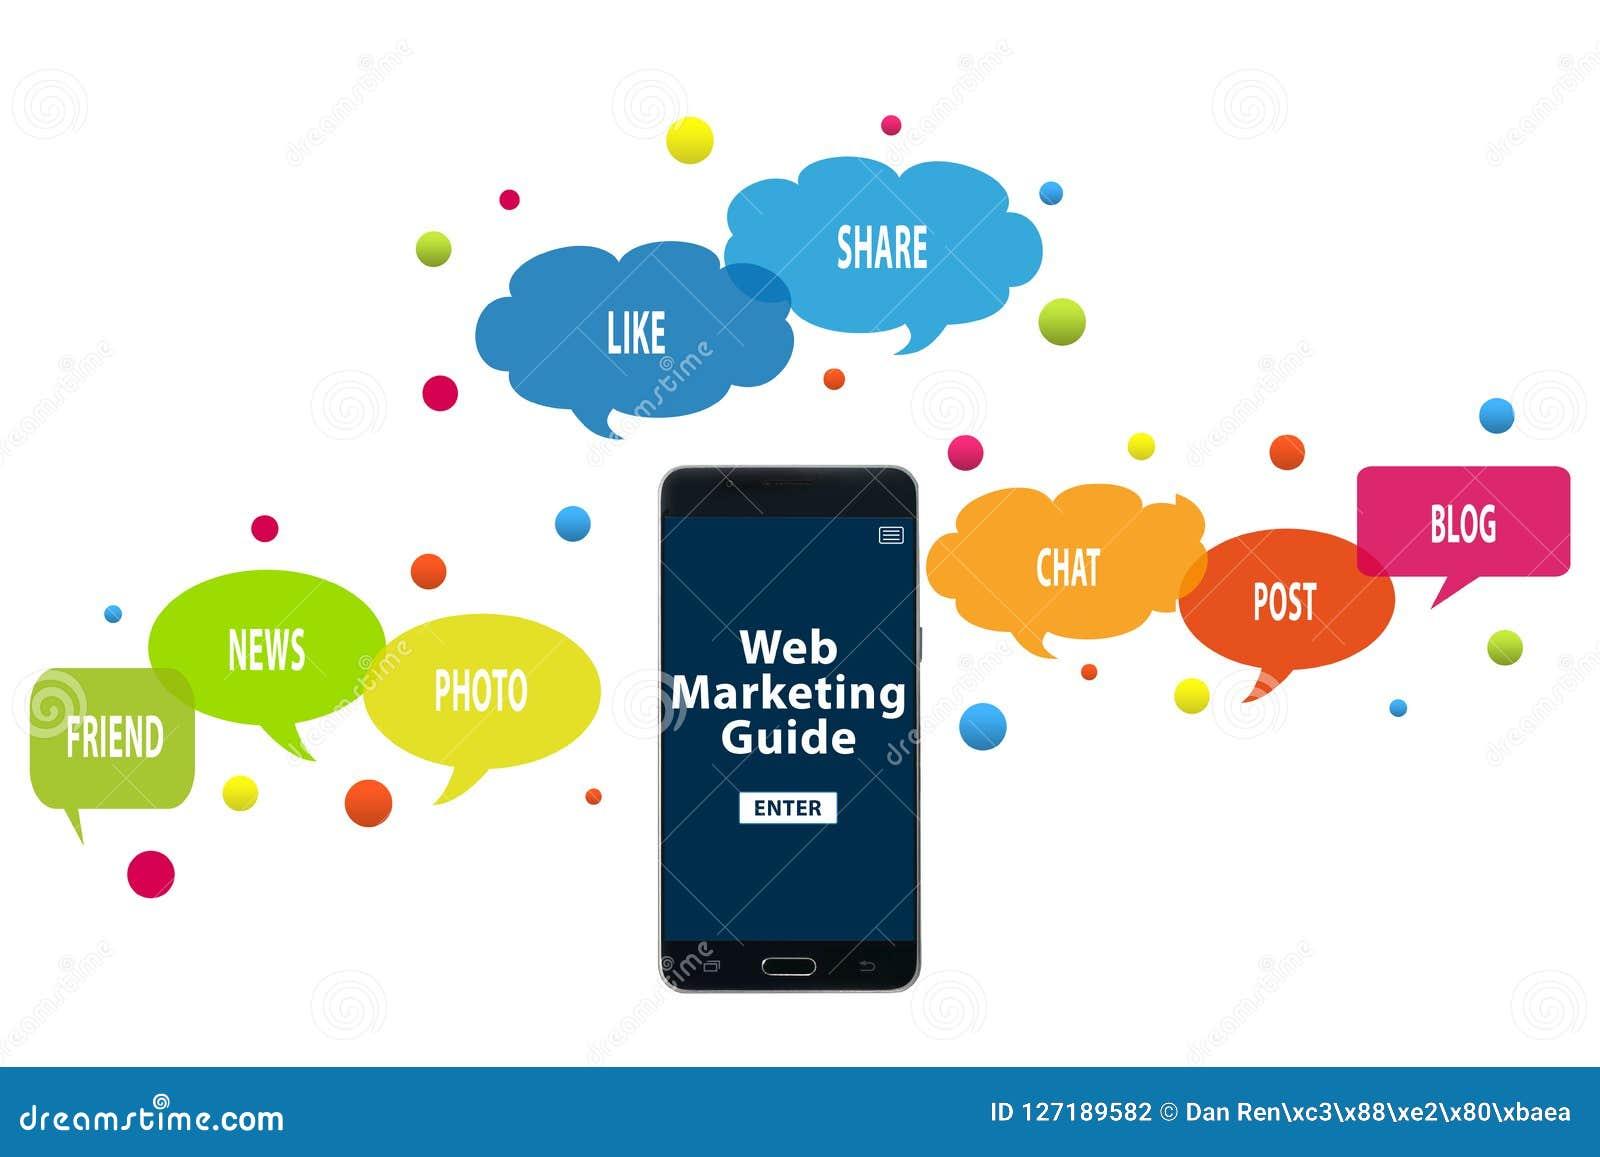 Guide de marketing de Web au téléphone portable Concept en ligne de présence et de vente